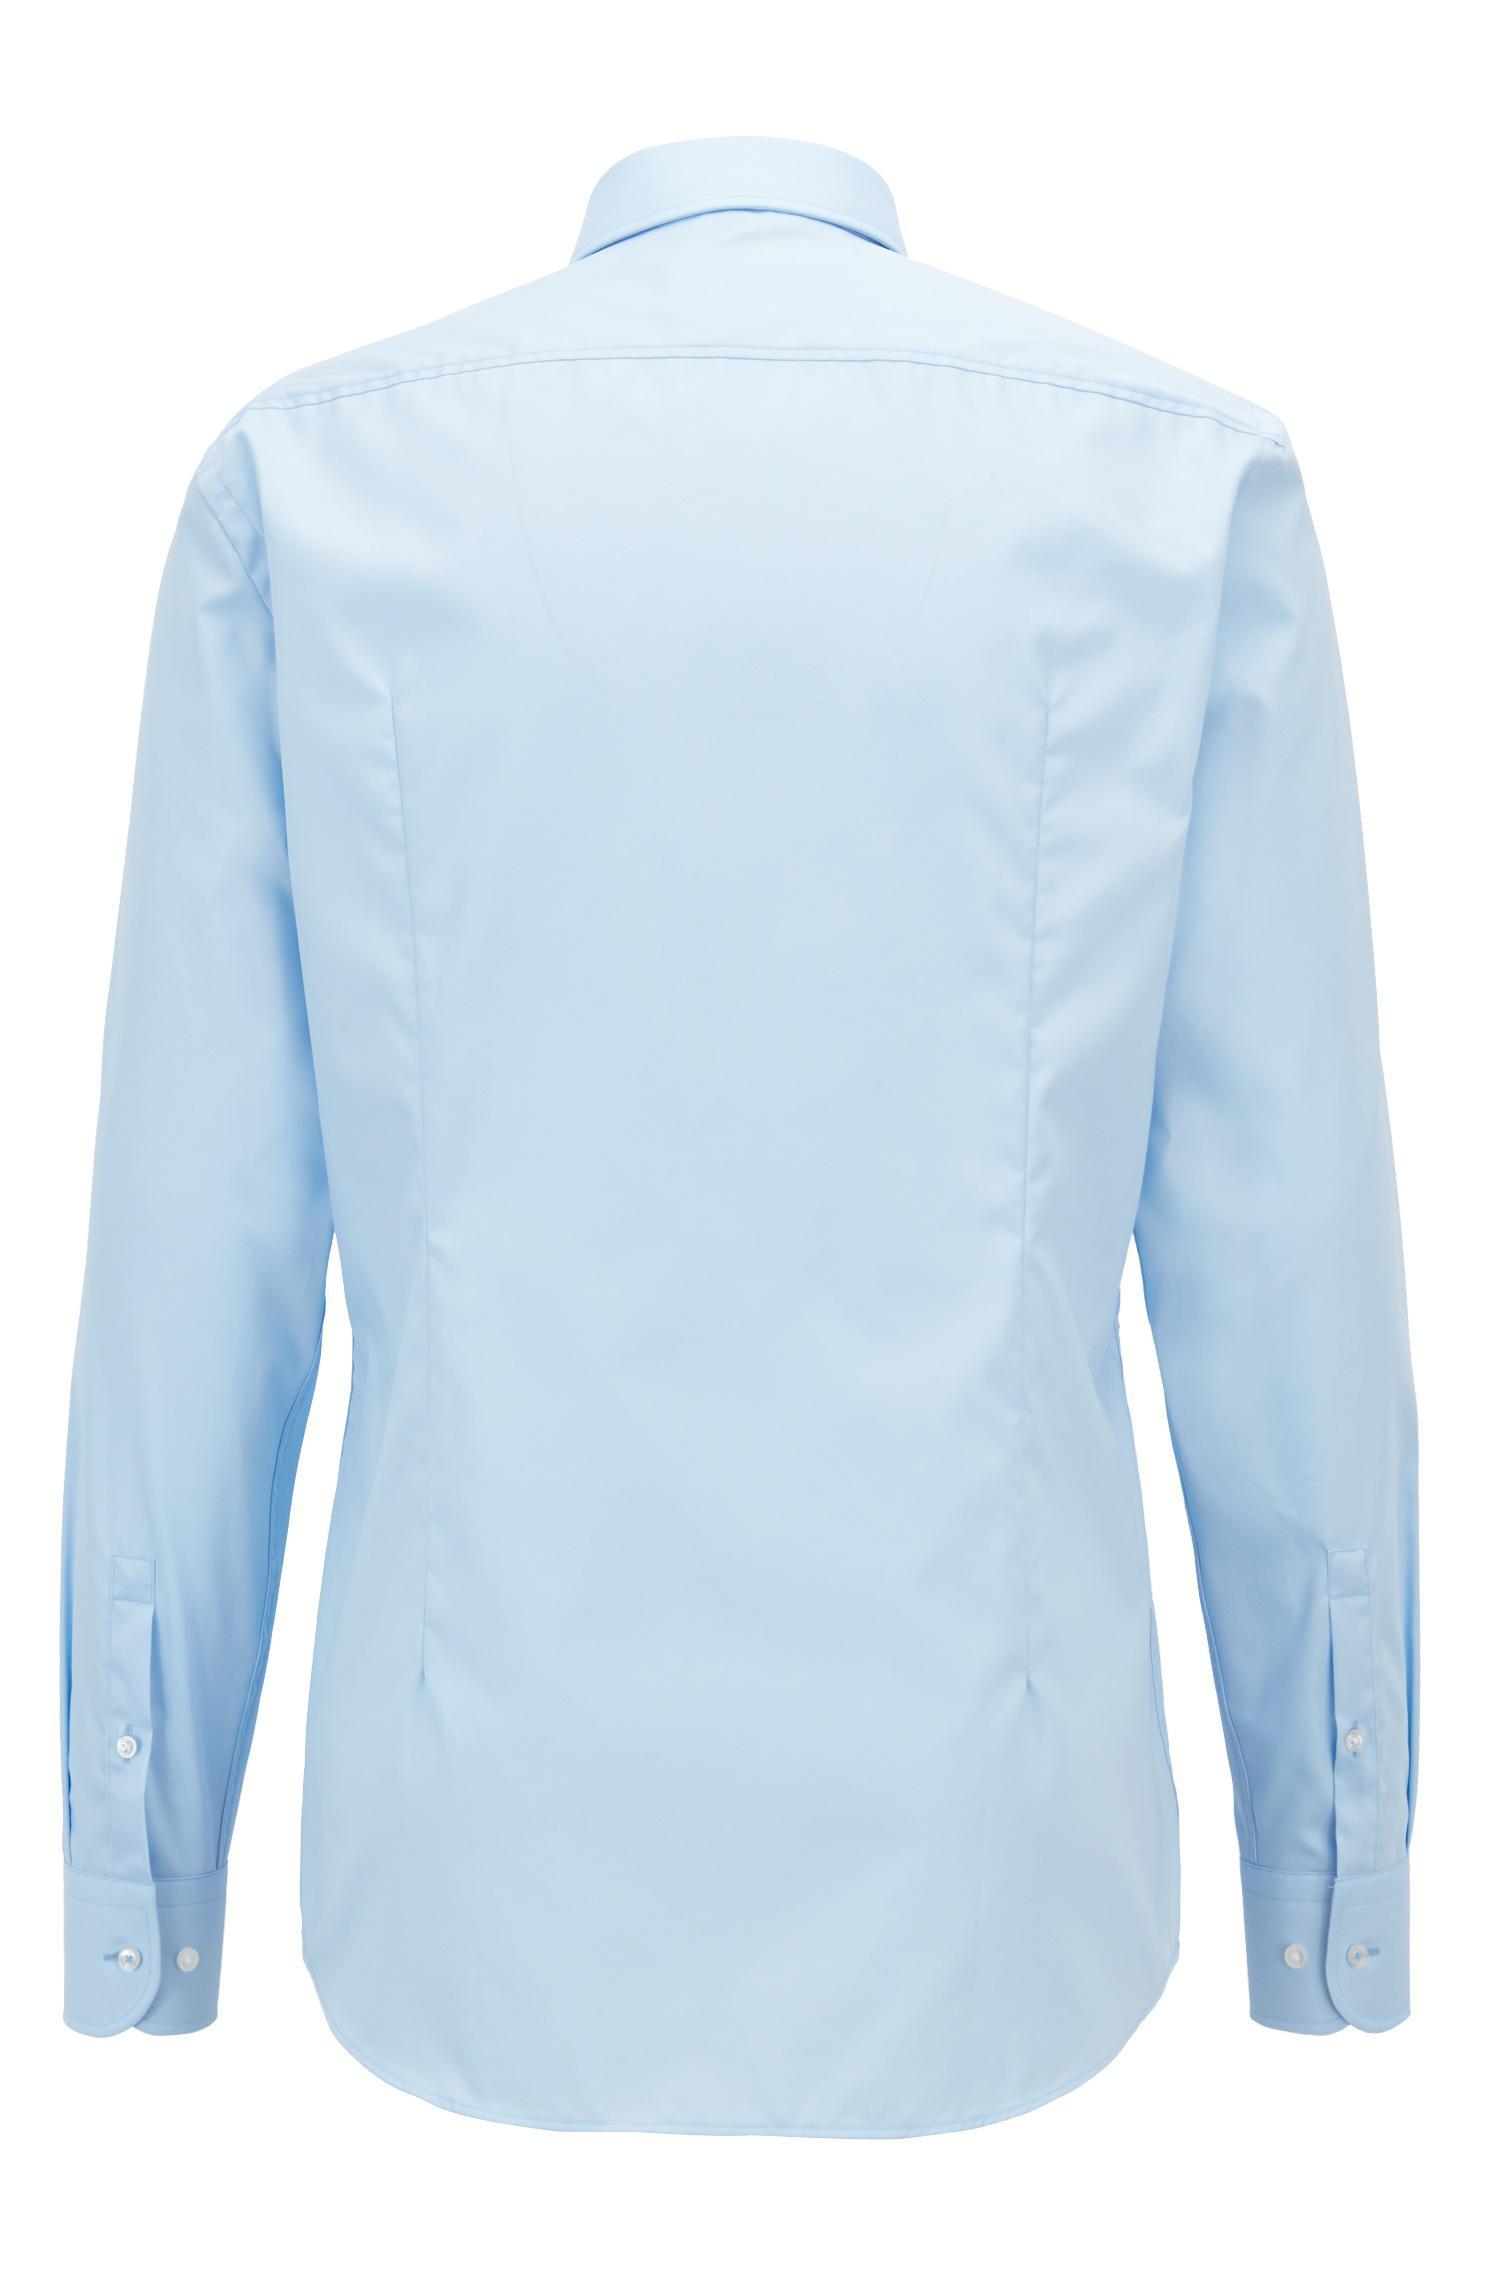 b9208de0 Lyst - Boss Slim-fit Shirt In Easy-iron Austrian Cotton Poplin in ...